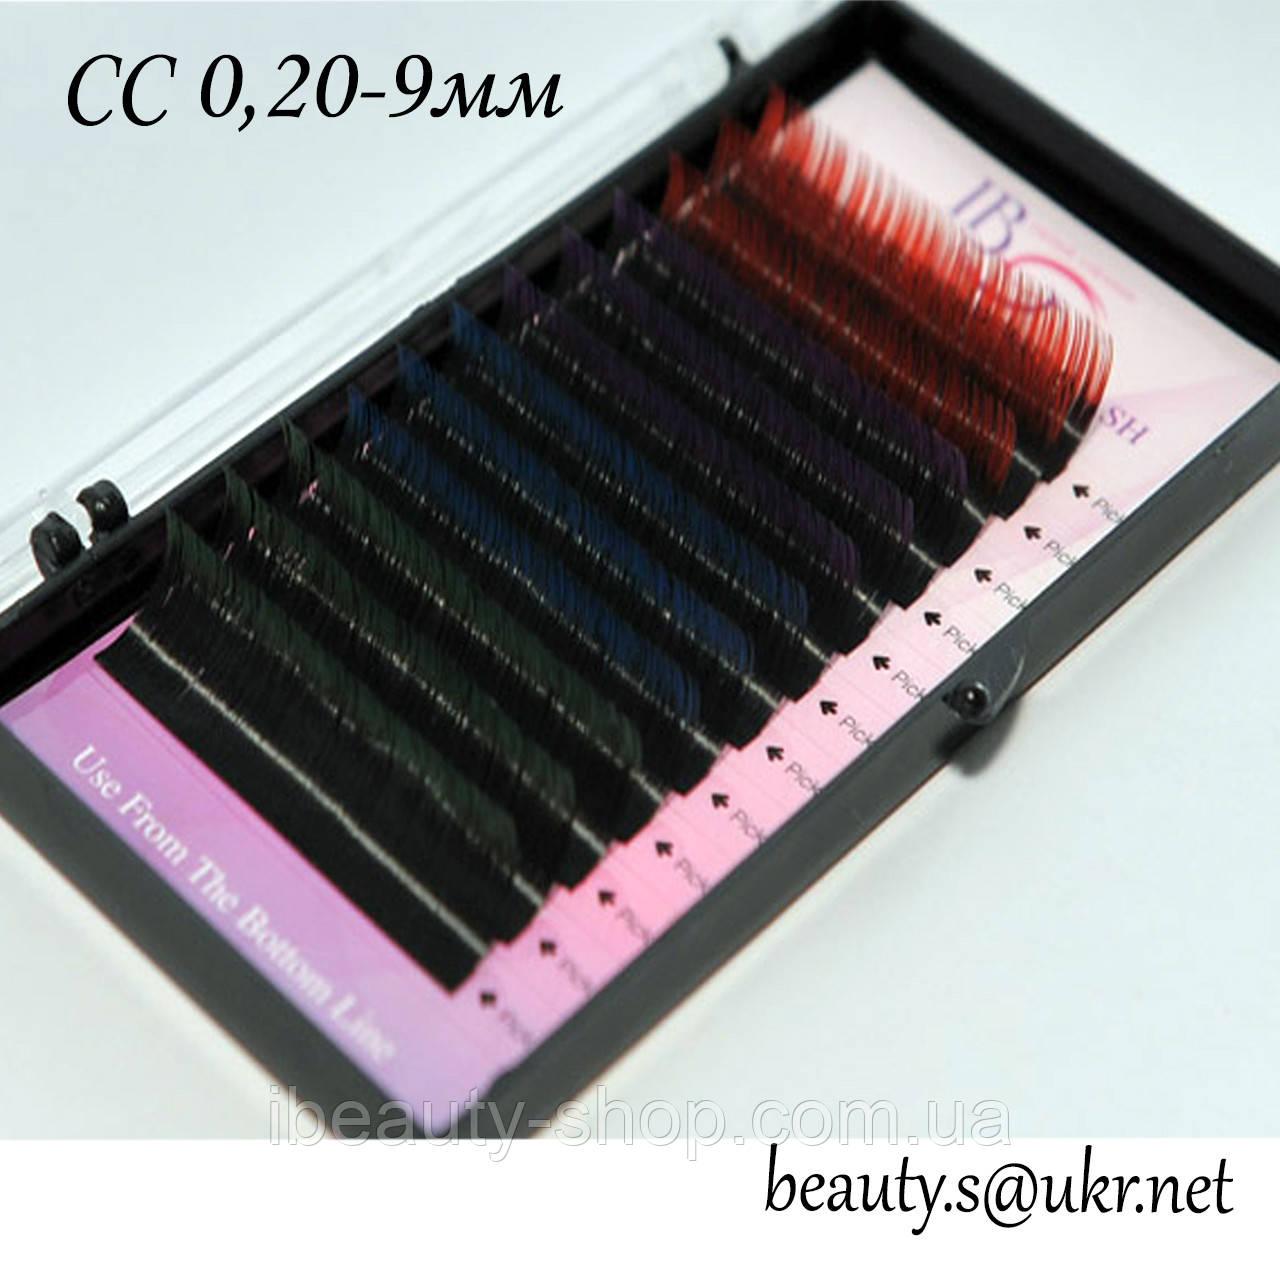 Ресницы I-Beauty, CC 0,20-9мм,цветные концы,4 цвета